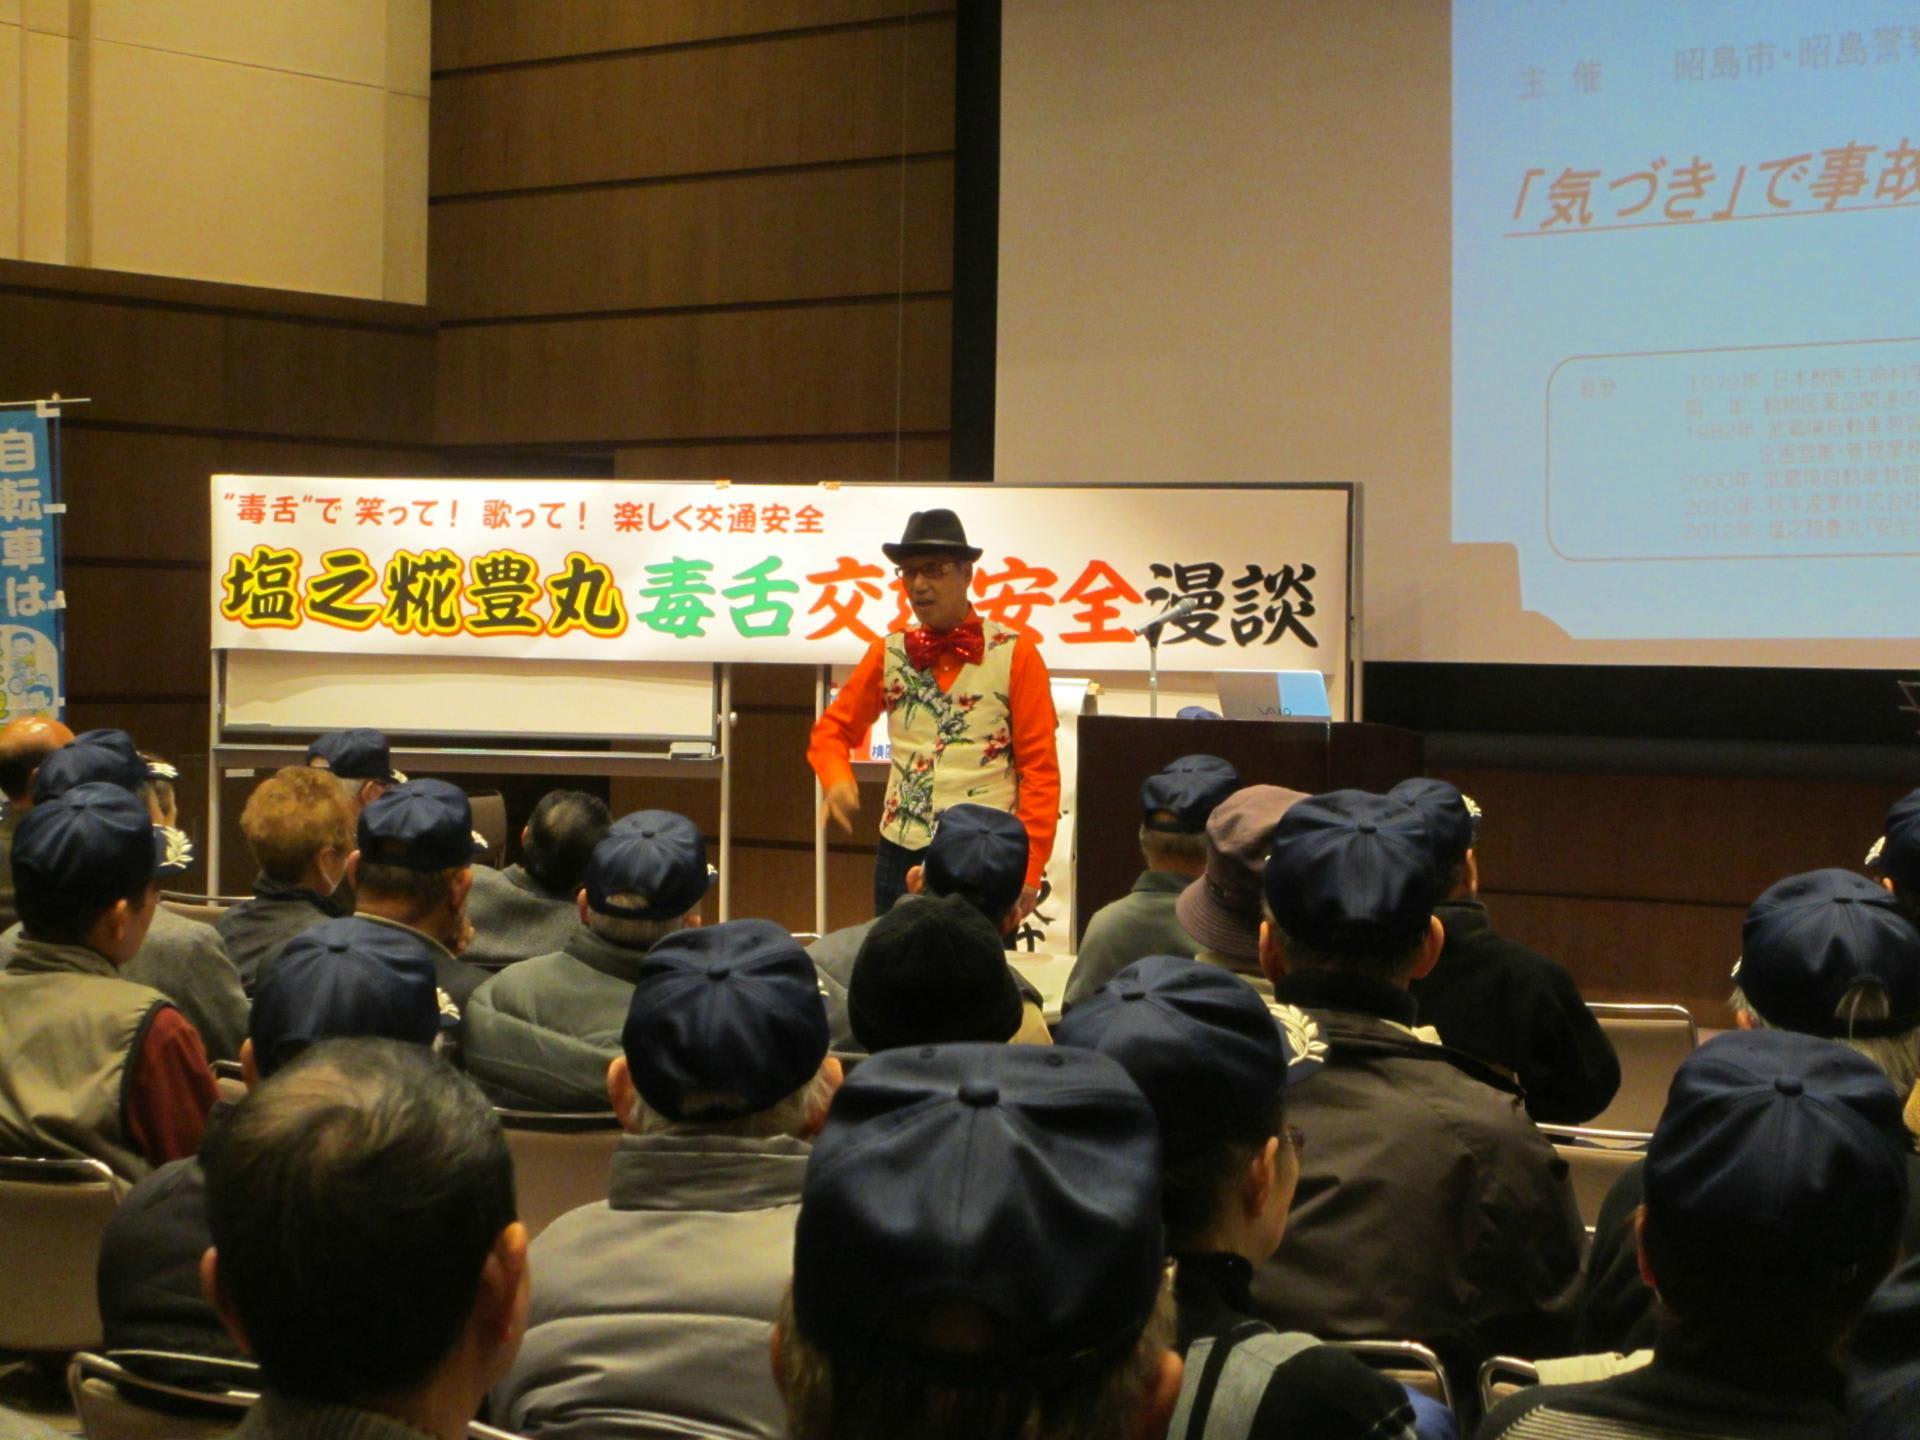 2月下旬 豊丸は東京都昭島市民ホールにて、東京都・昭島市・昭島警察署・昭... 豊丸、ニューバー